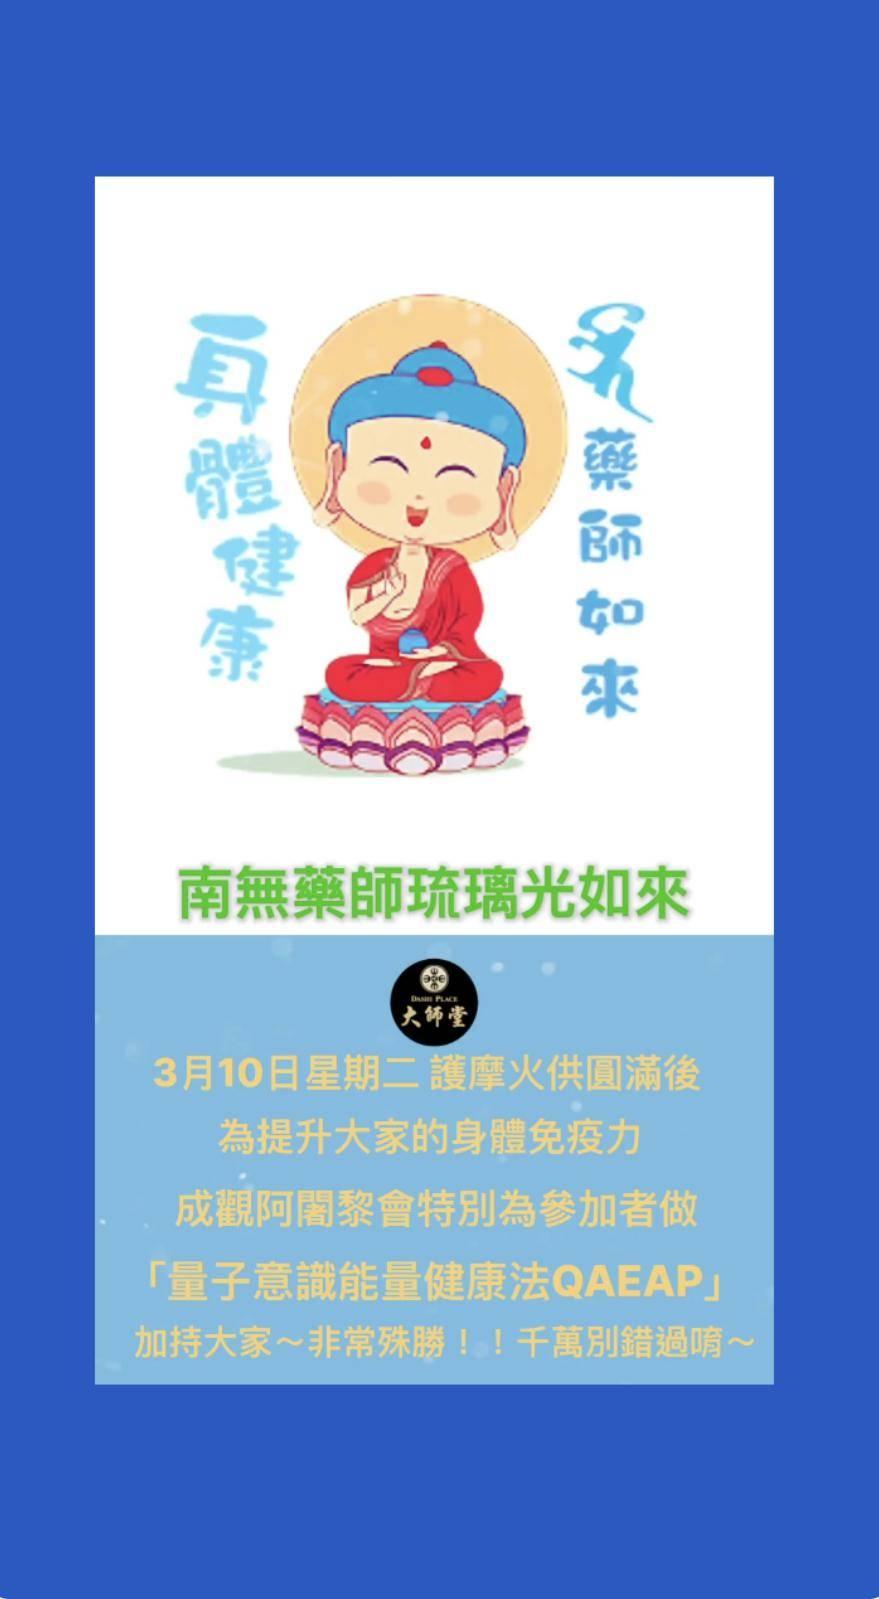 大師堂溫馨提示 3月10日星期二「量子意識能量健康法QAEAP」法,幫助大家提升身體免疫力抗疫~